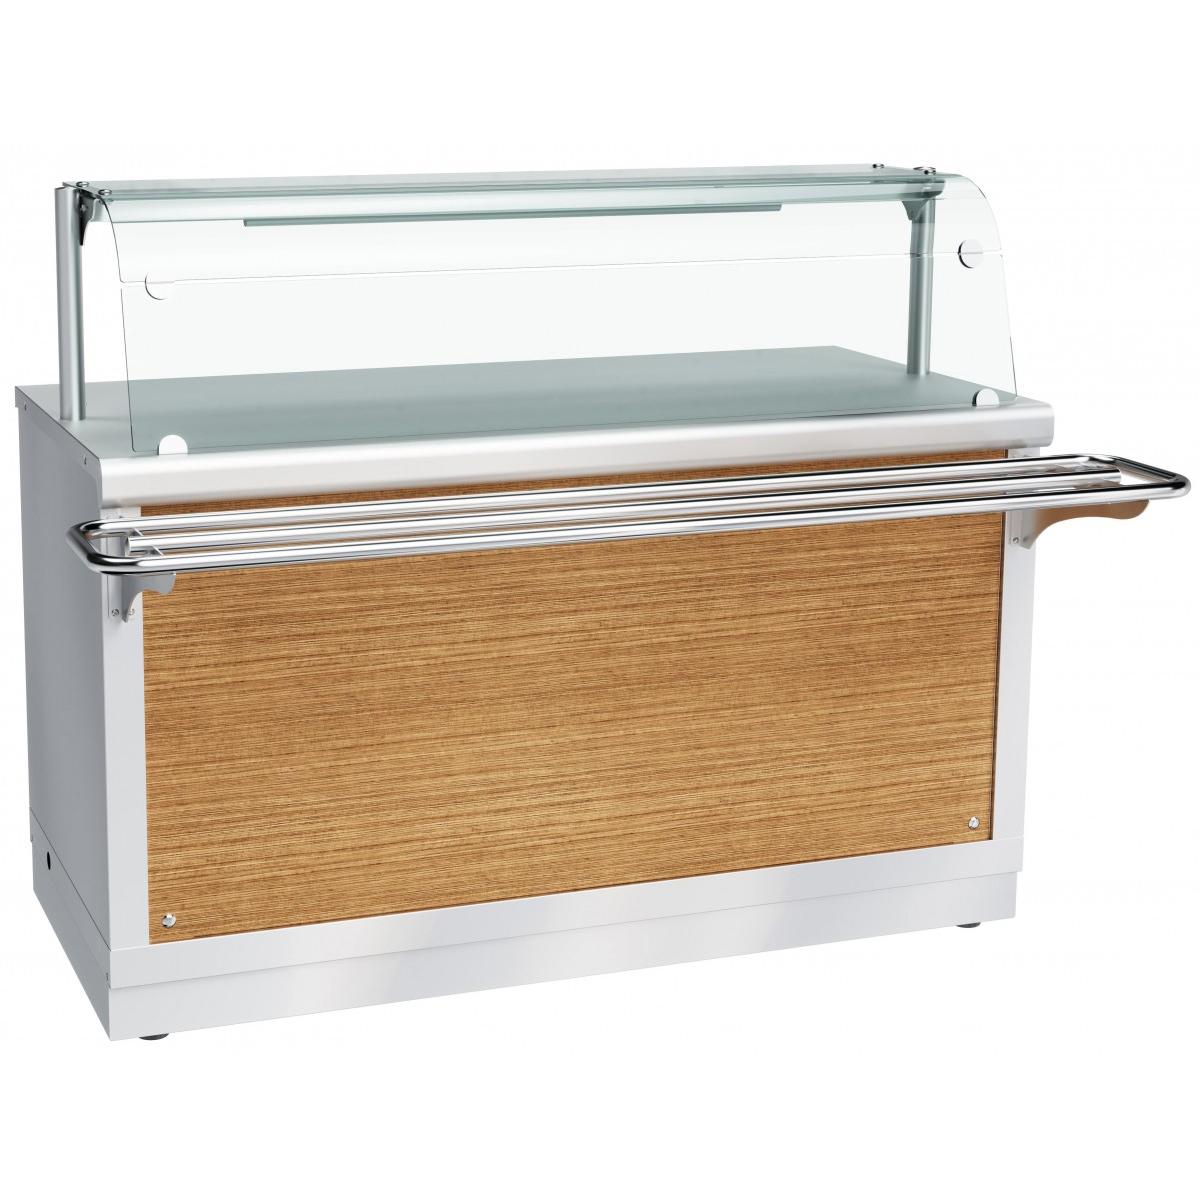 Прилавок-витрина тепловой ЧувашТоргТехника ПВТ-70Х-05